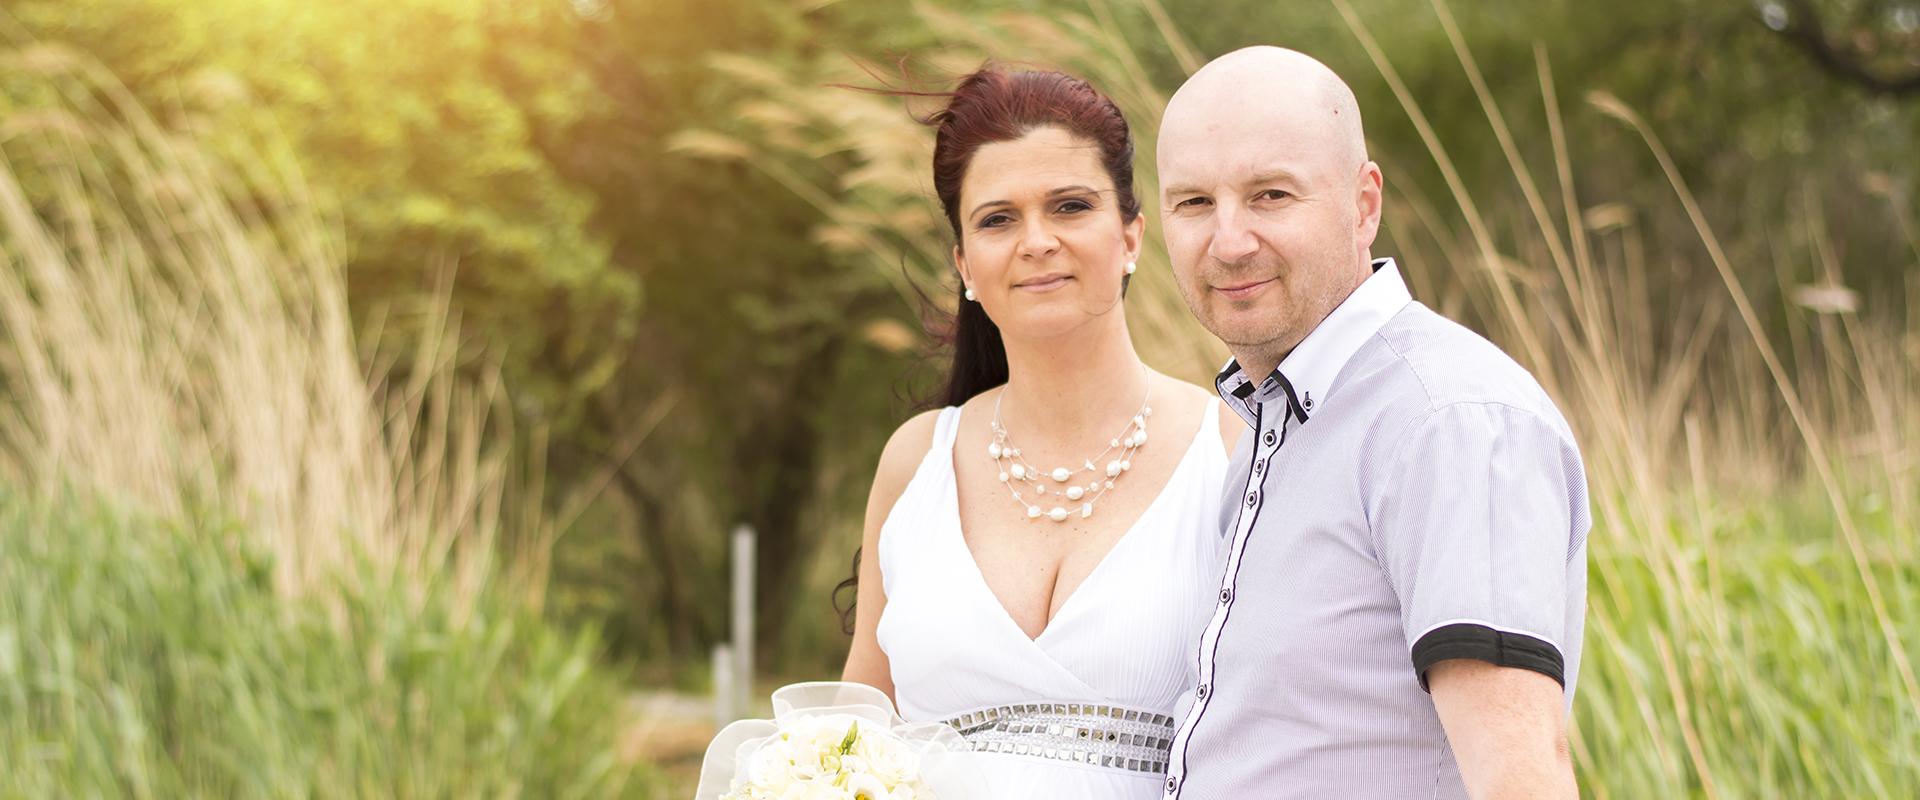 Esküvői fotózás Balatonszemes